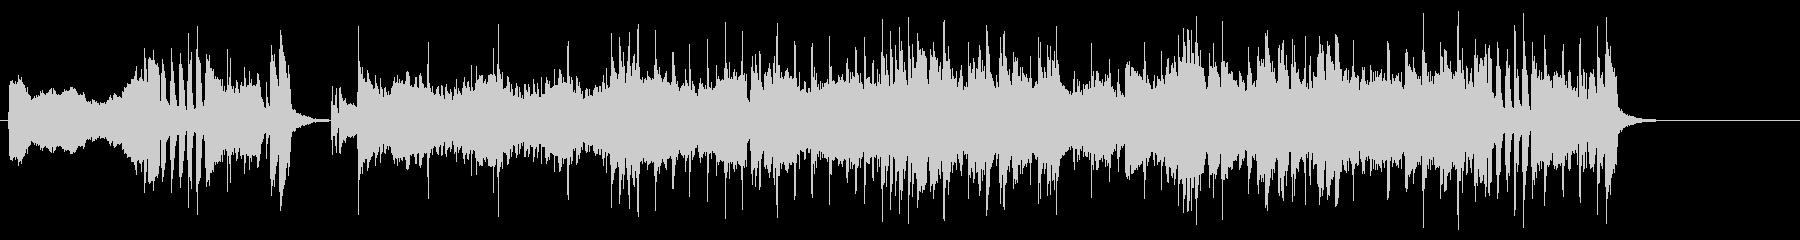 オープニング・テーマ向きの曲の未再生の波形